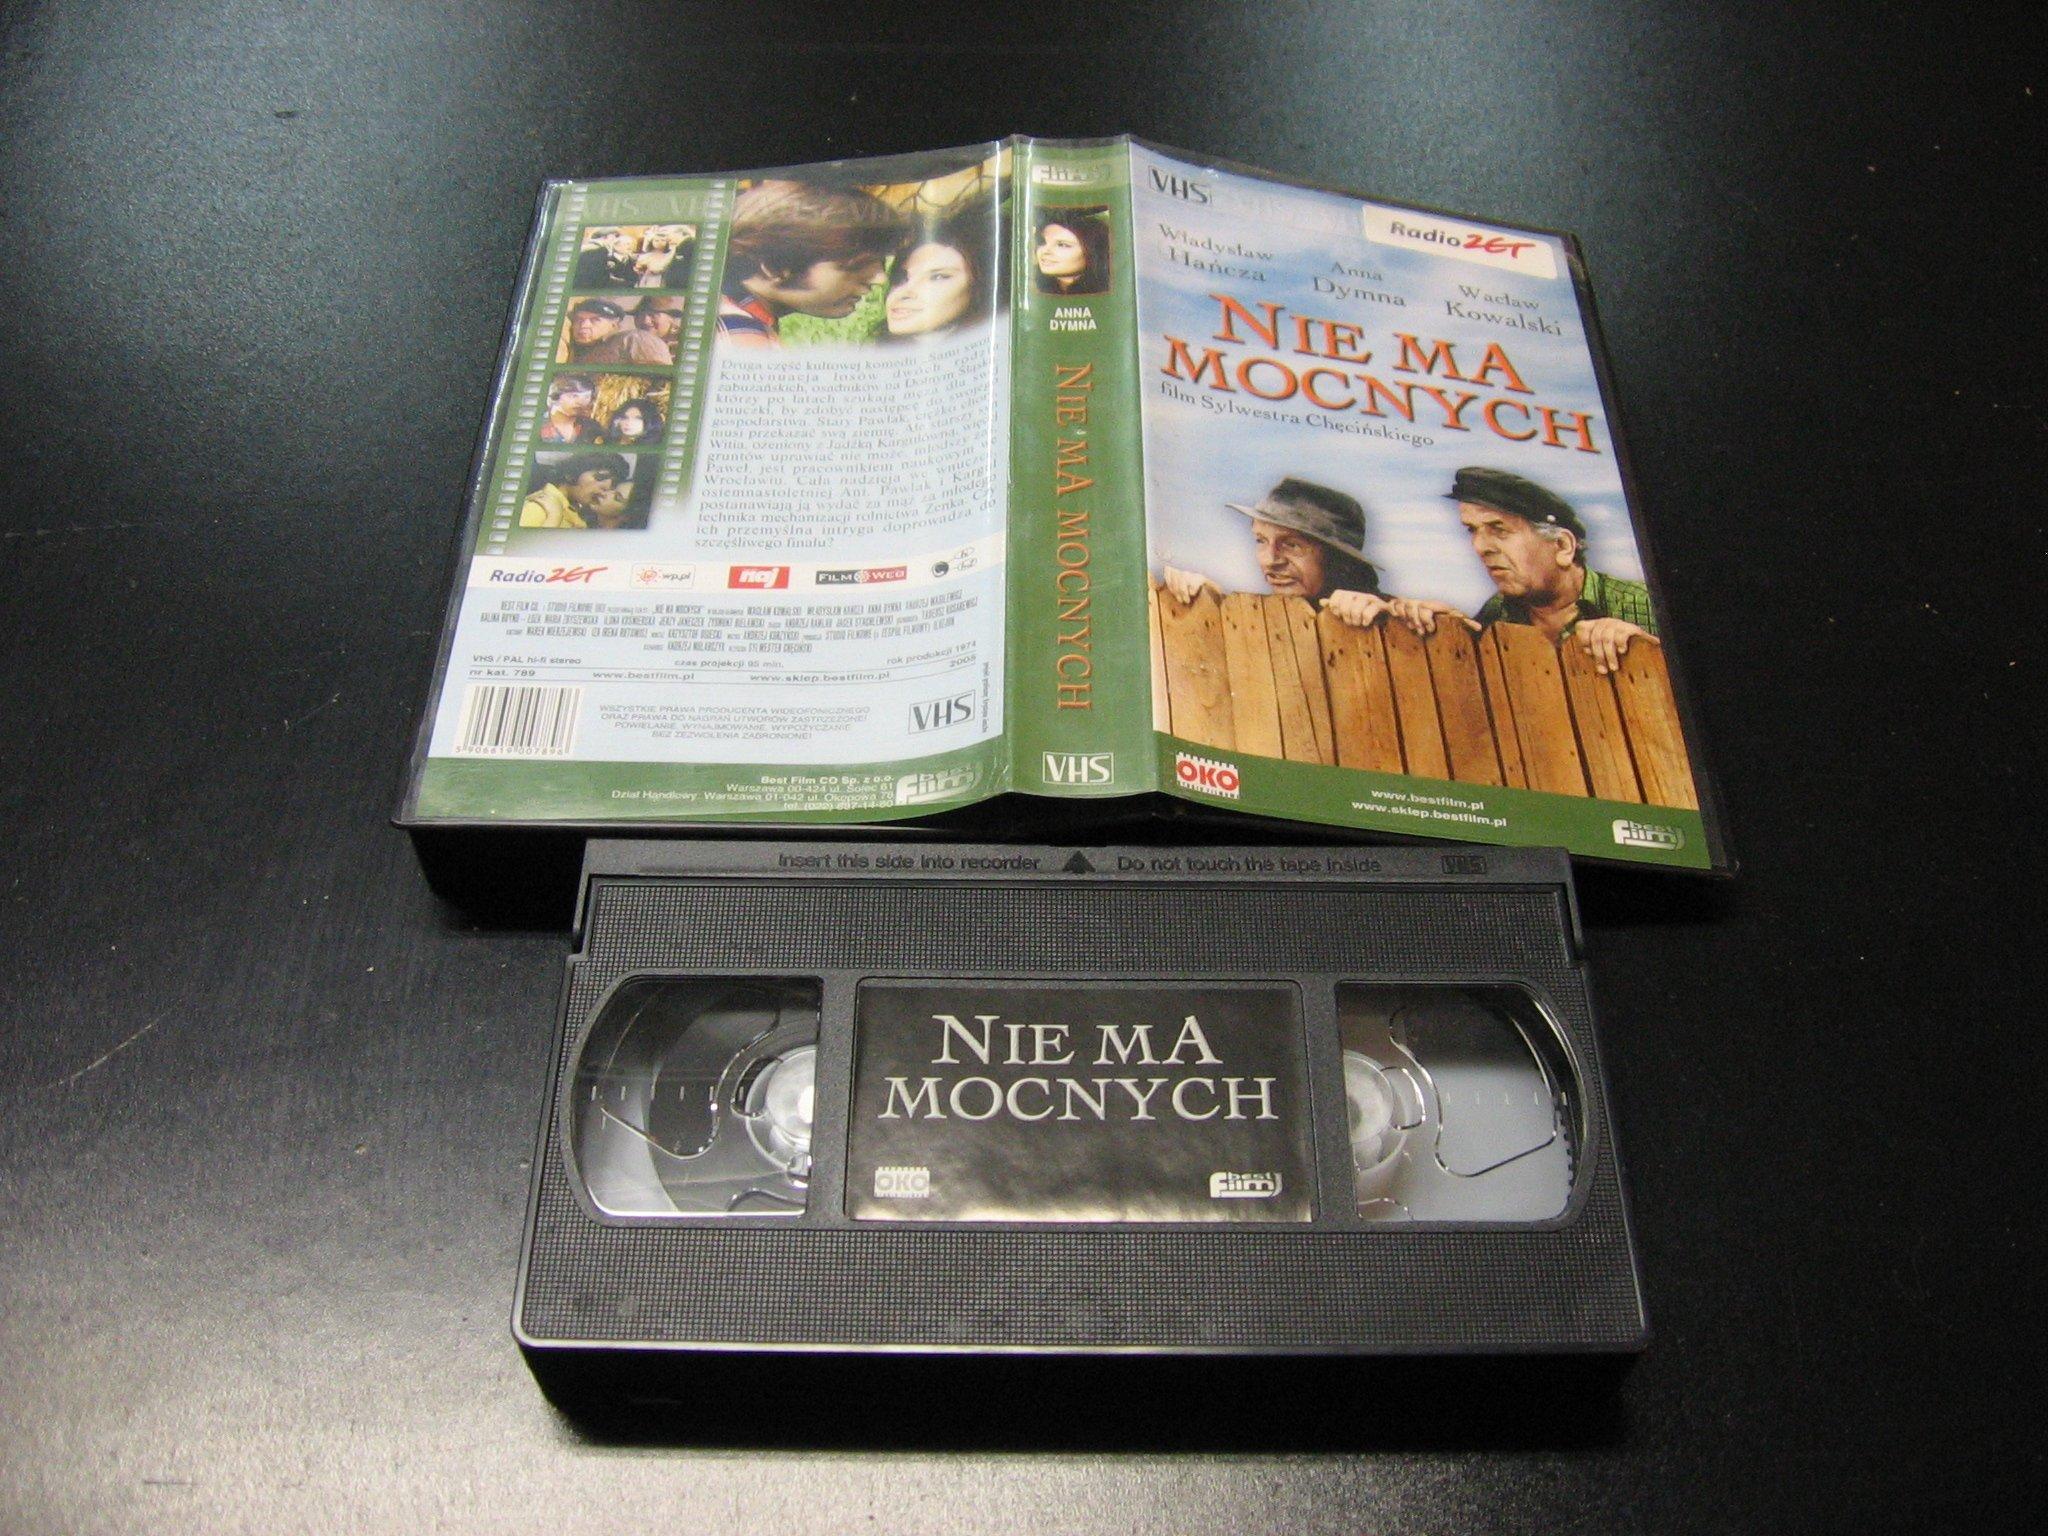 NIE MA MOCNYCH - WŁADYSŁAW HAŃCZA - WACŁAW KOWALSKI -  kaseta VHS - 1134 Opole - AlleOpole.pl